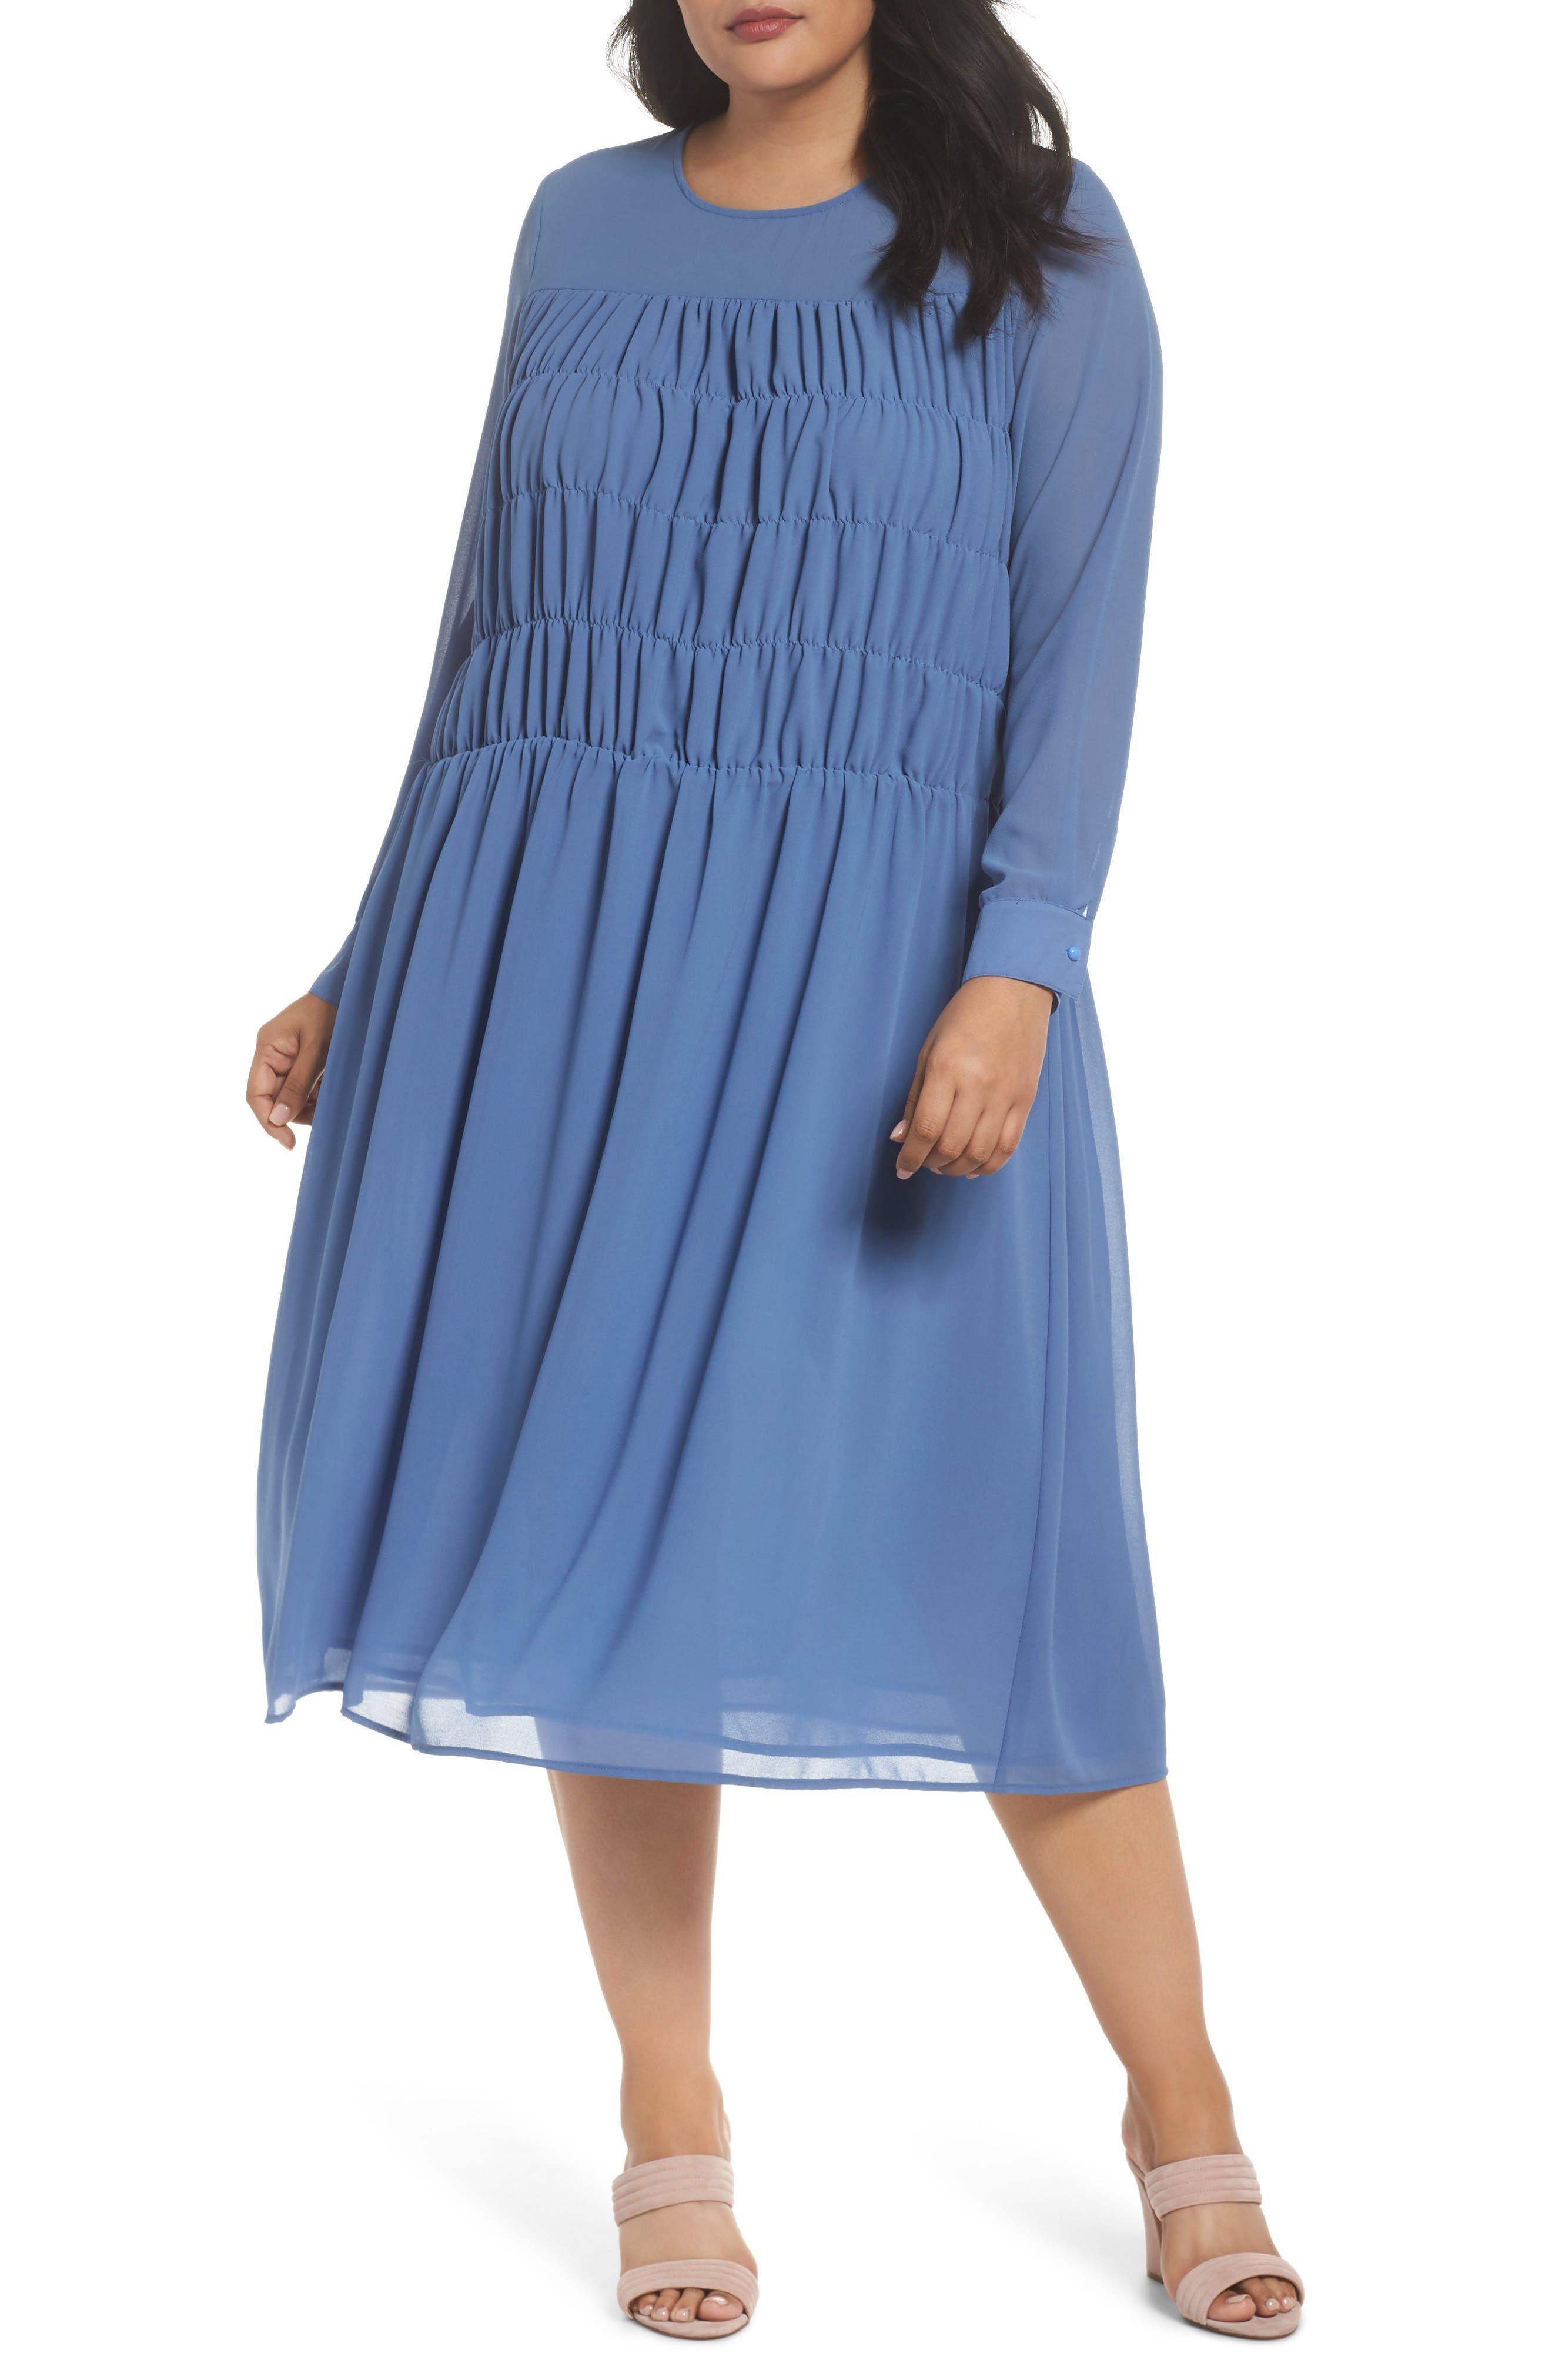 Smocked Chiffon Dress,                             Main thumbnail 1, color,                             400